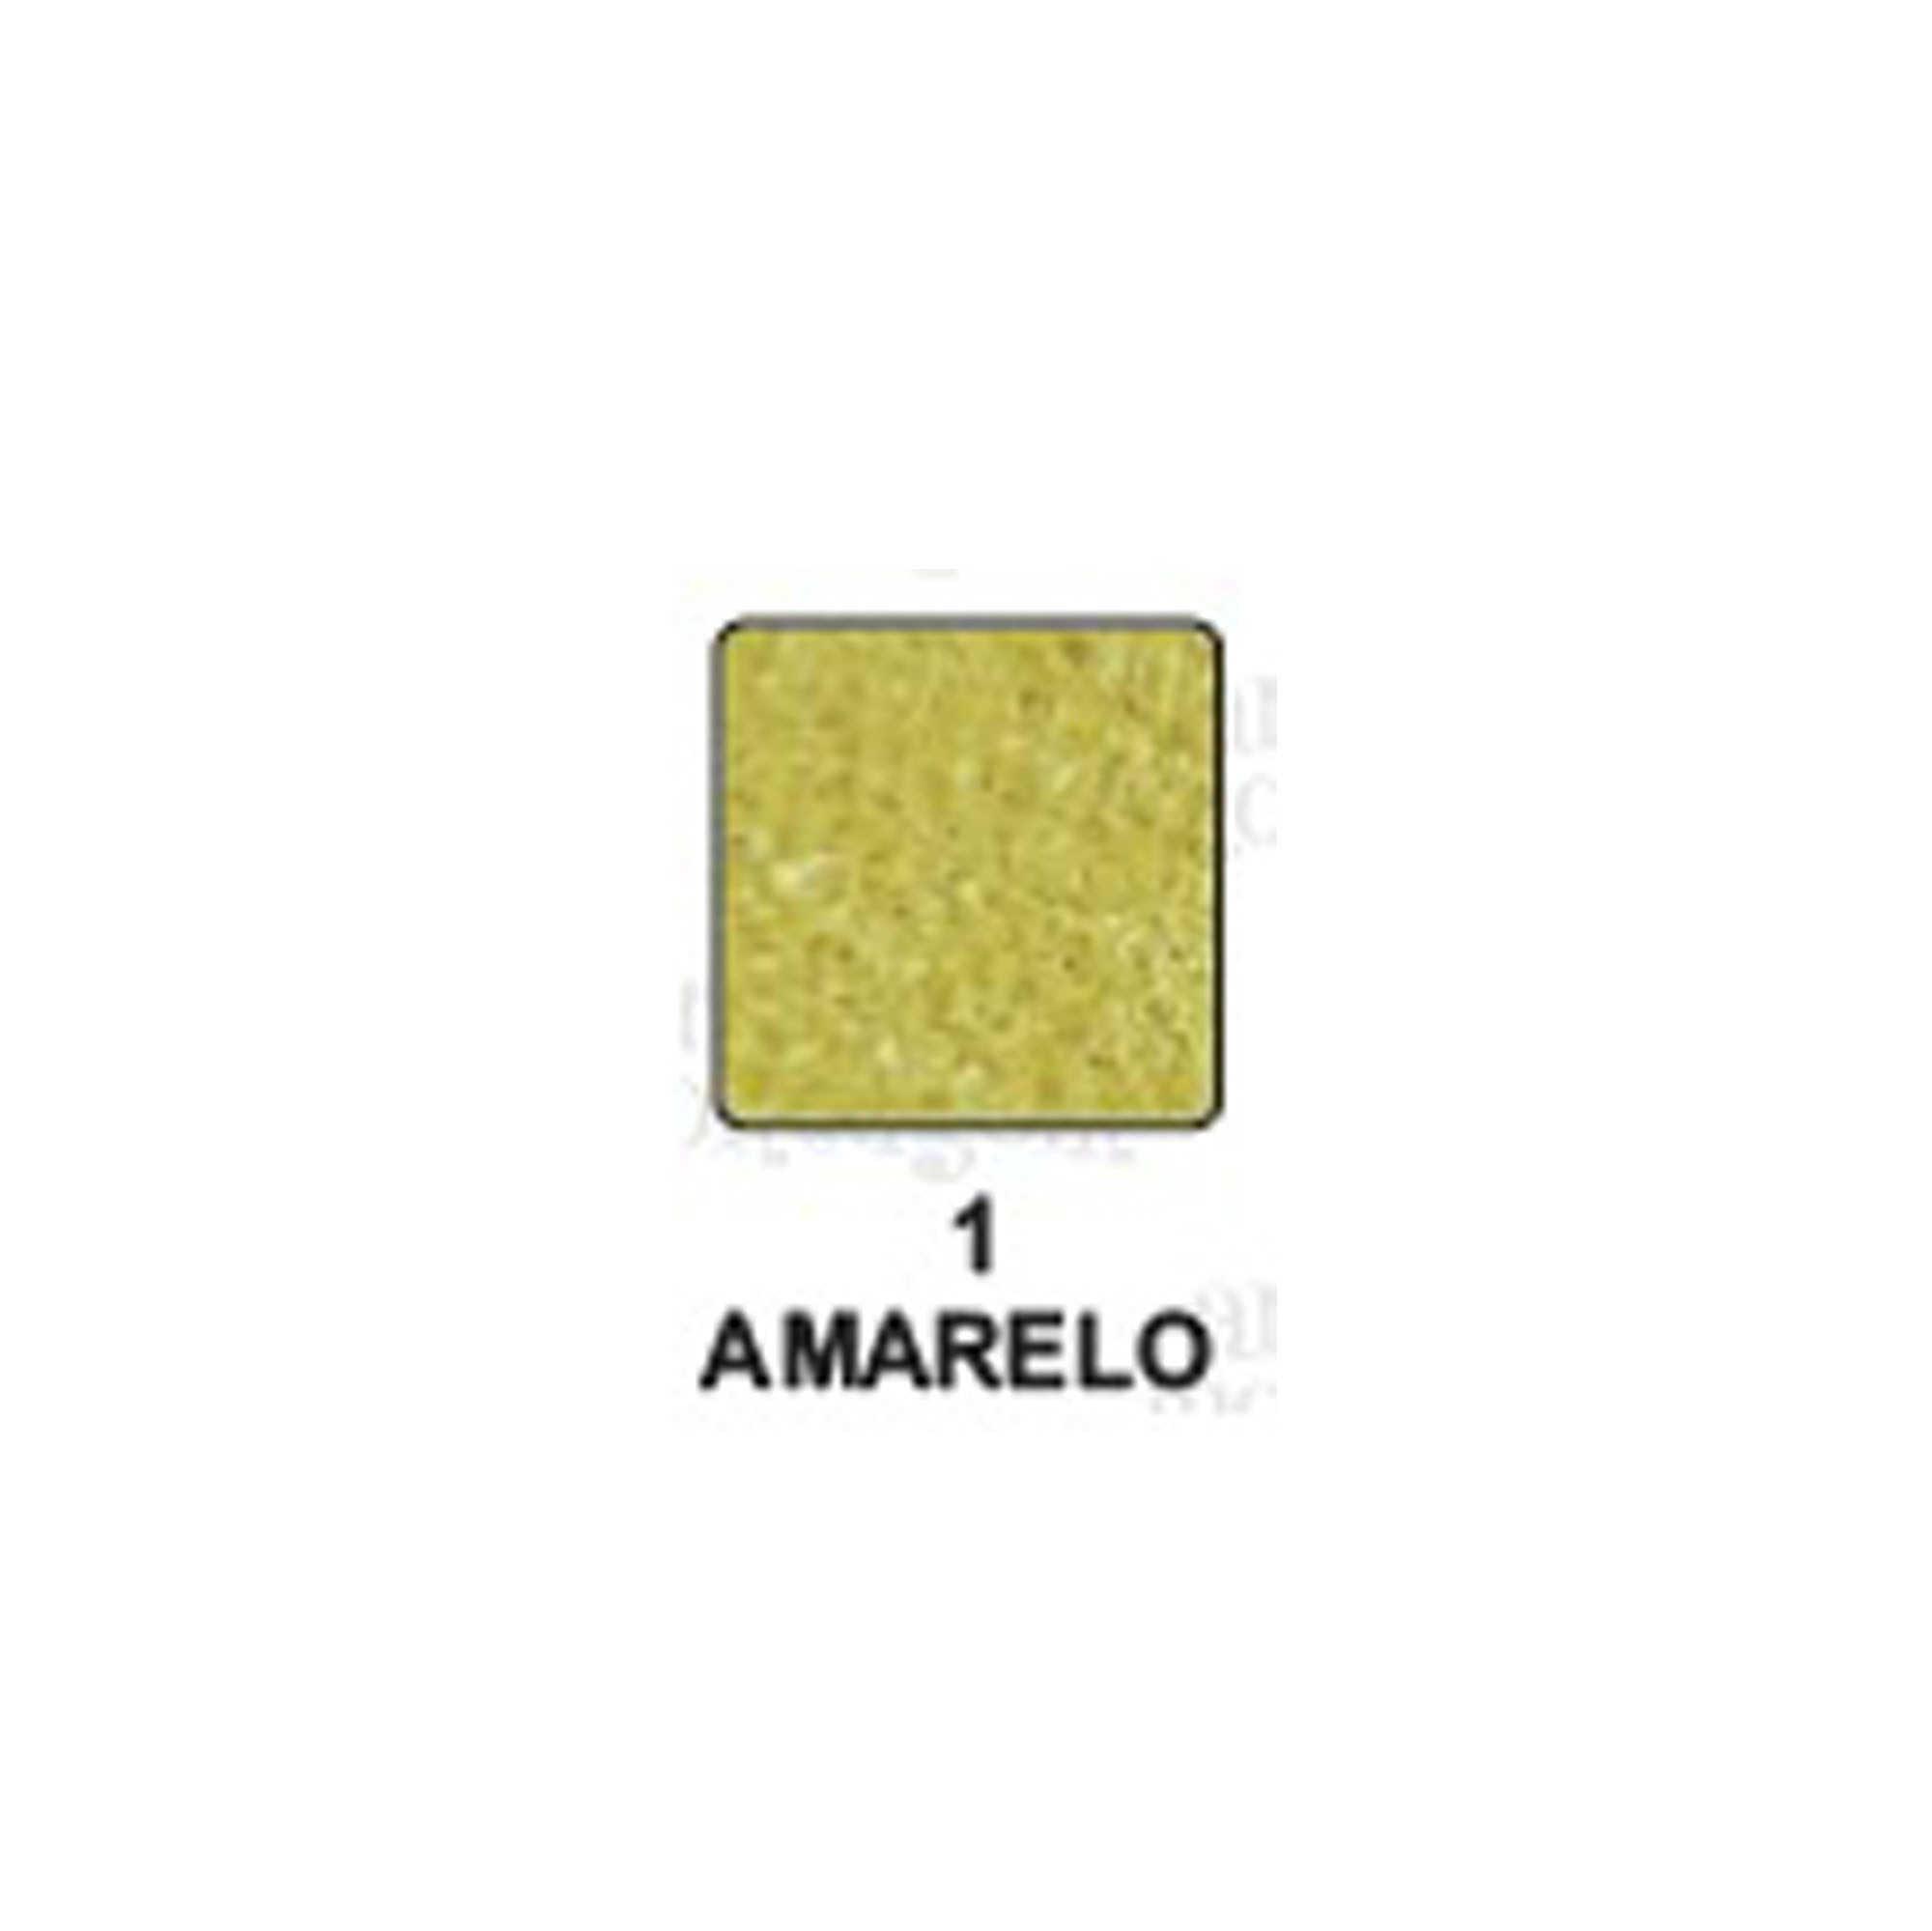 Carimbeira Art Montagem  - 3,3 x 3,3 cm - Perolada Amarelo